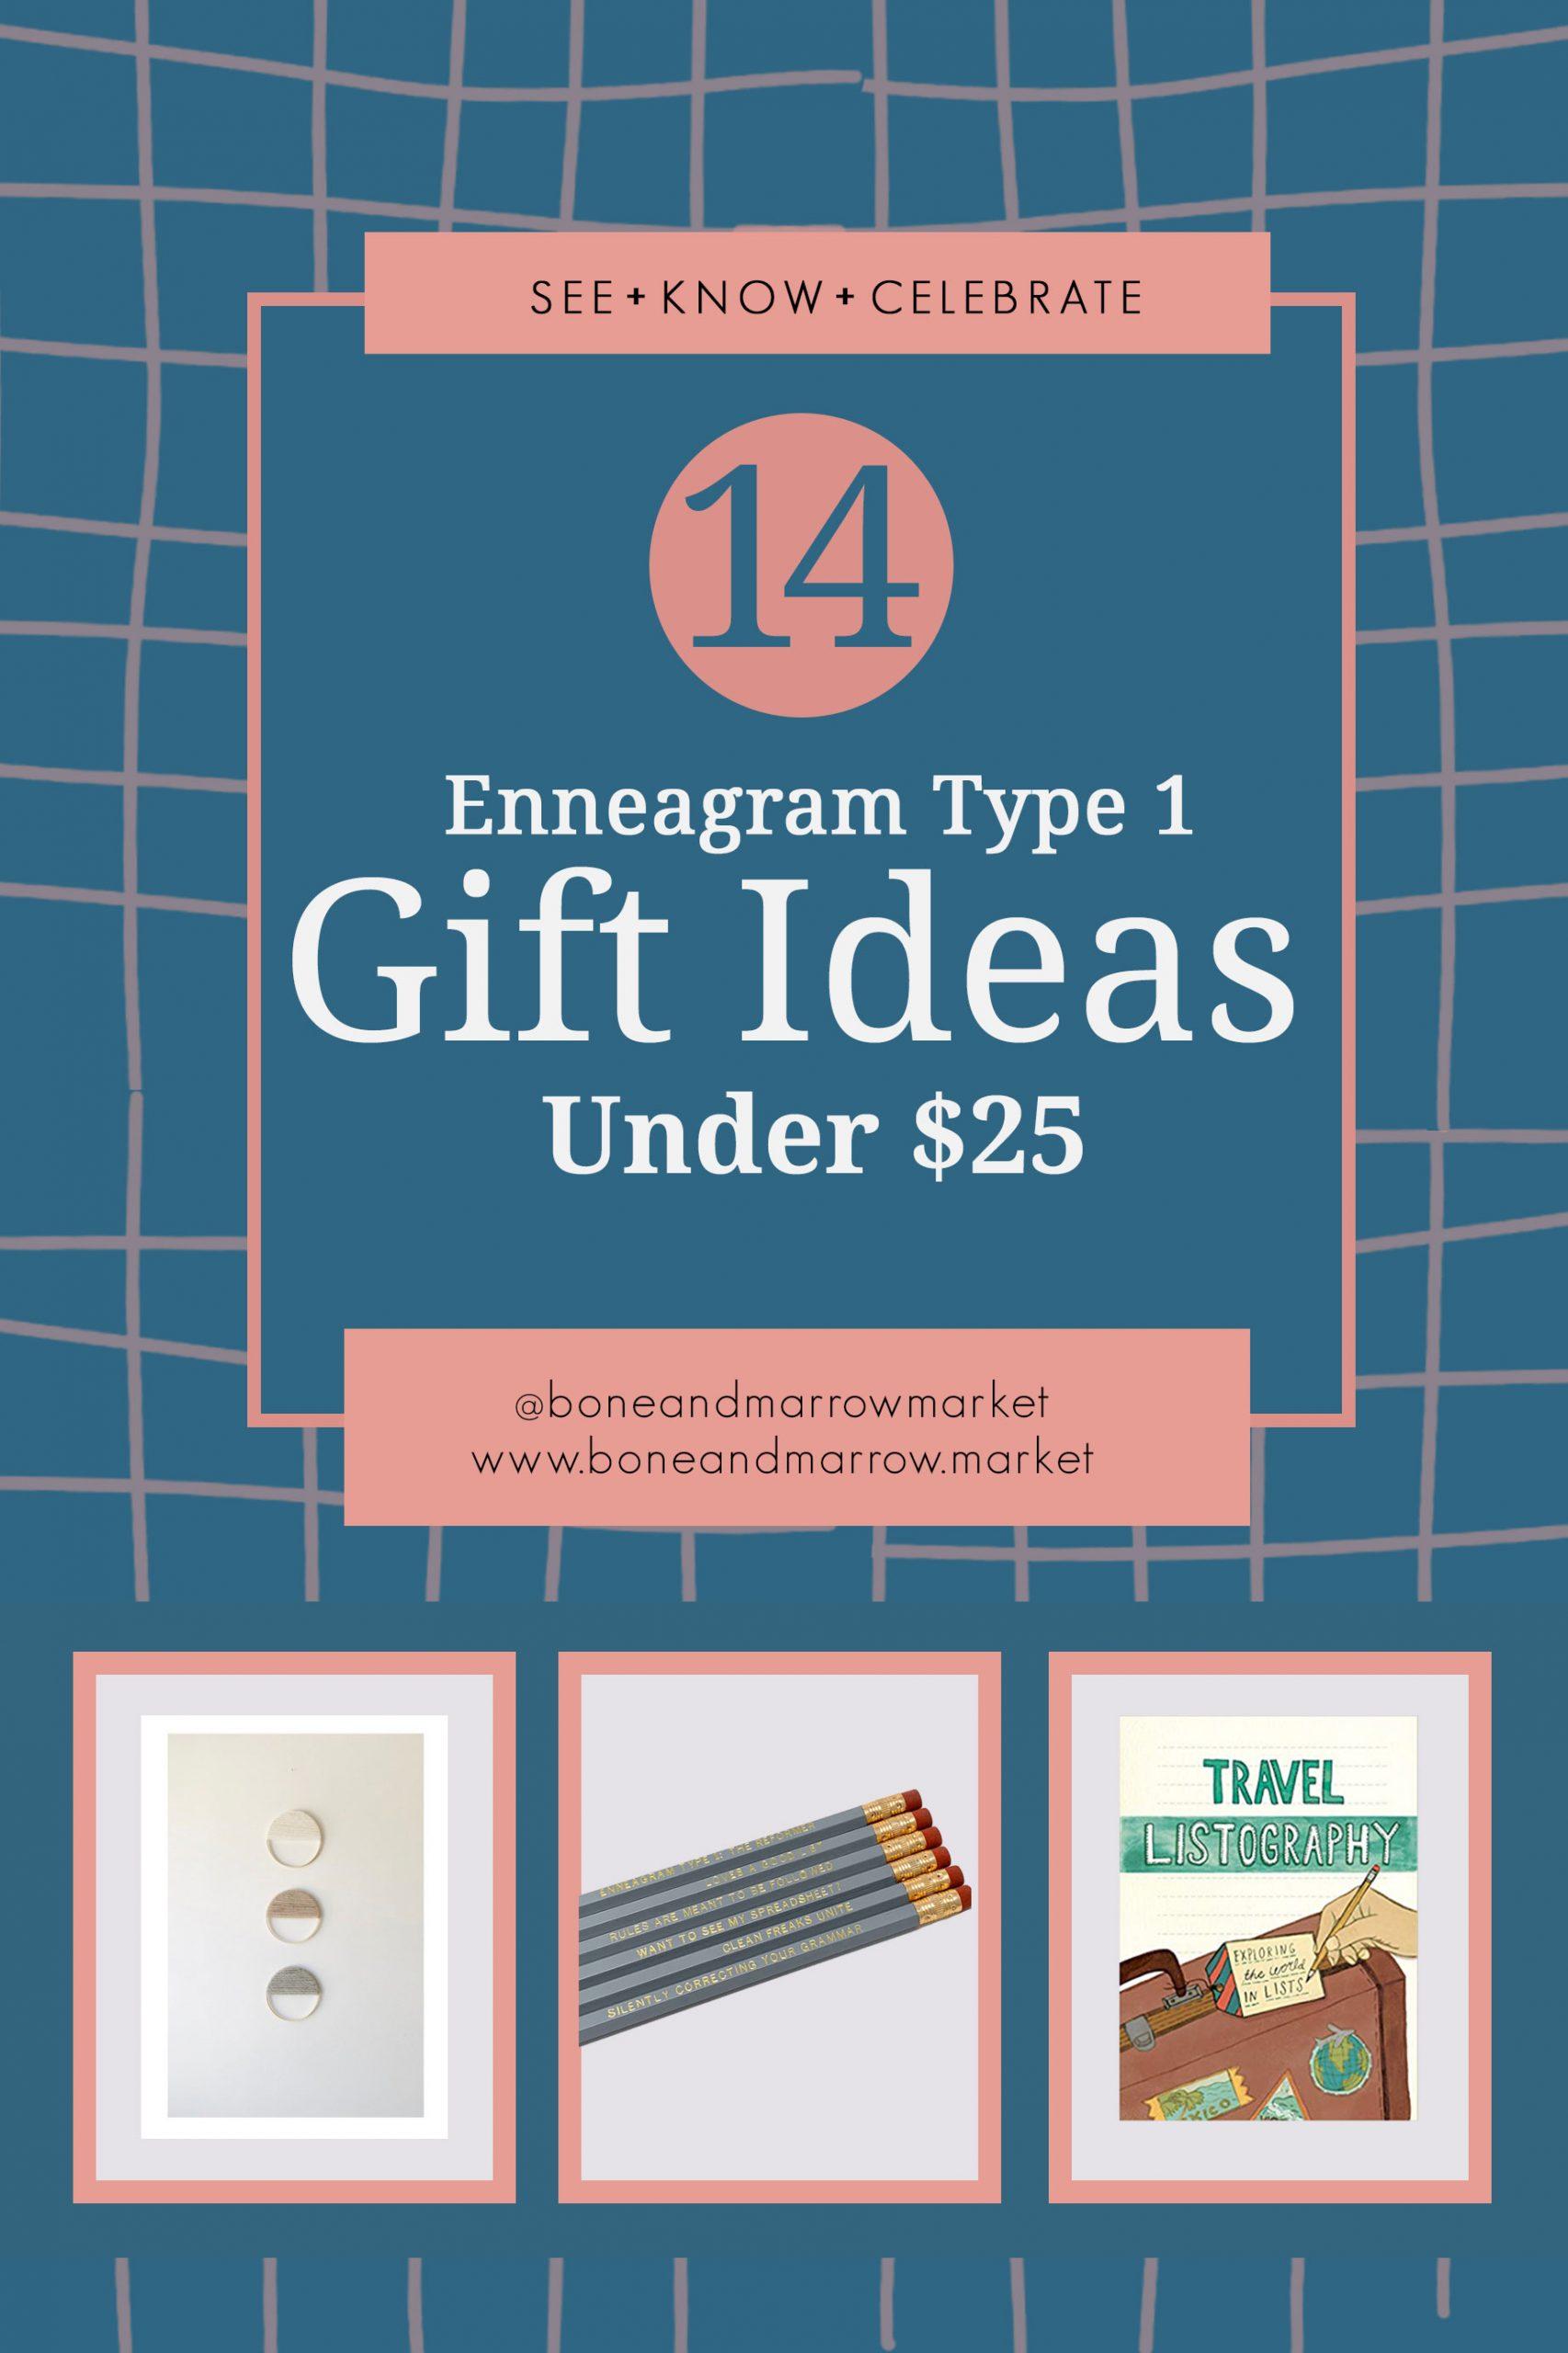 Enneagram Type 1 Gifts Ideas Under $25